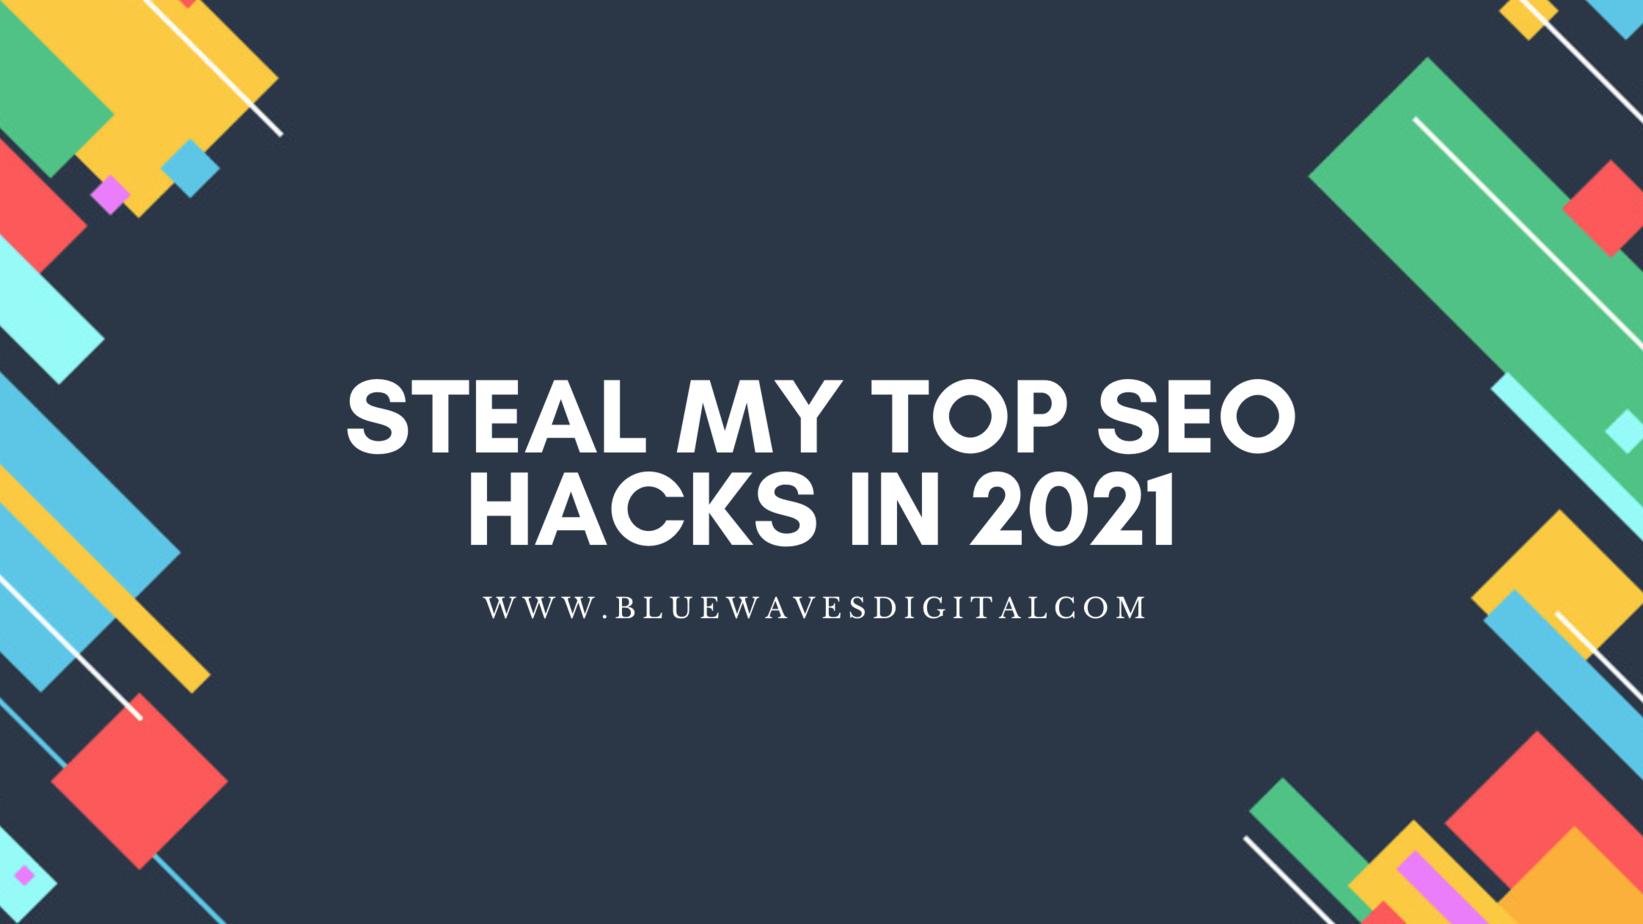 Steal My Top SEO Hacks In 2021